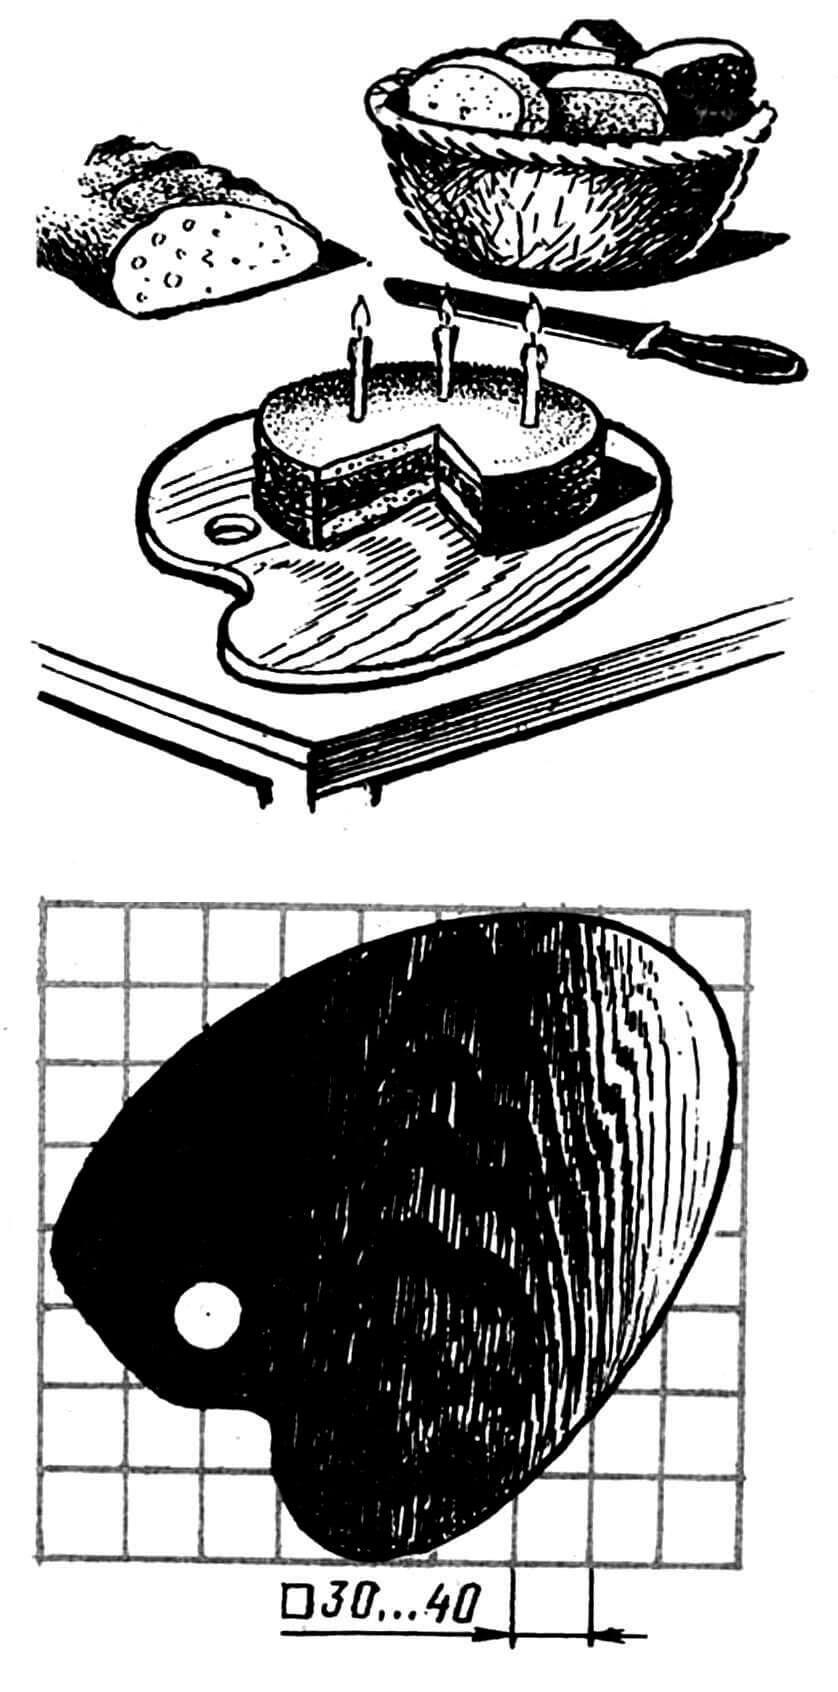 Рис. 3. Разделочная доска-палитра» (фанера толщиной 12 мм).